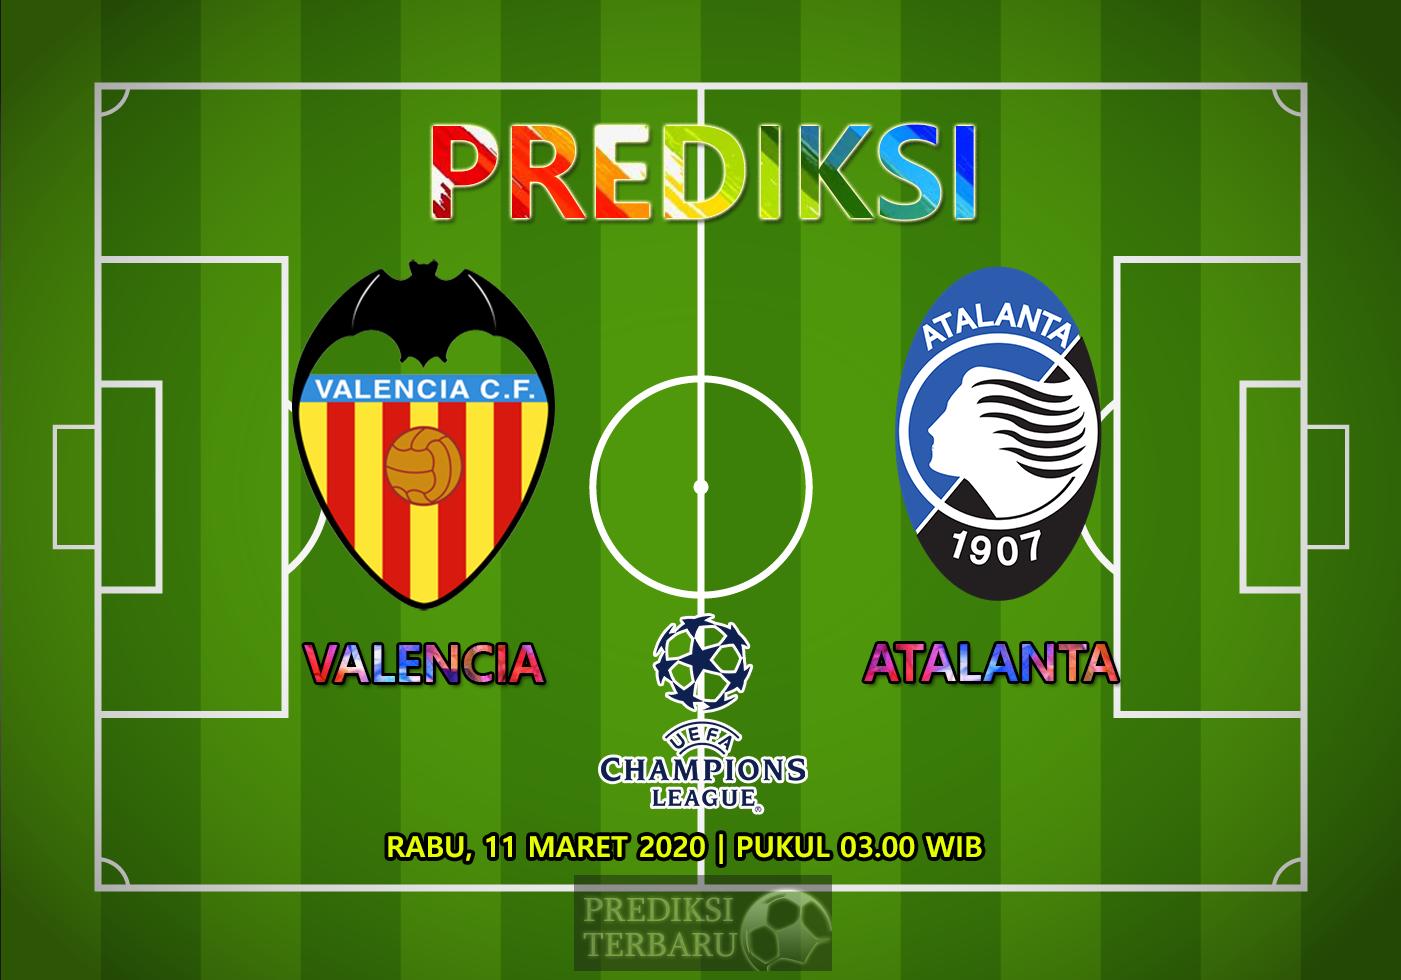 Prediksi Valencia Vs Atalanta Rabu 11 Maret